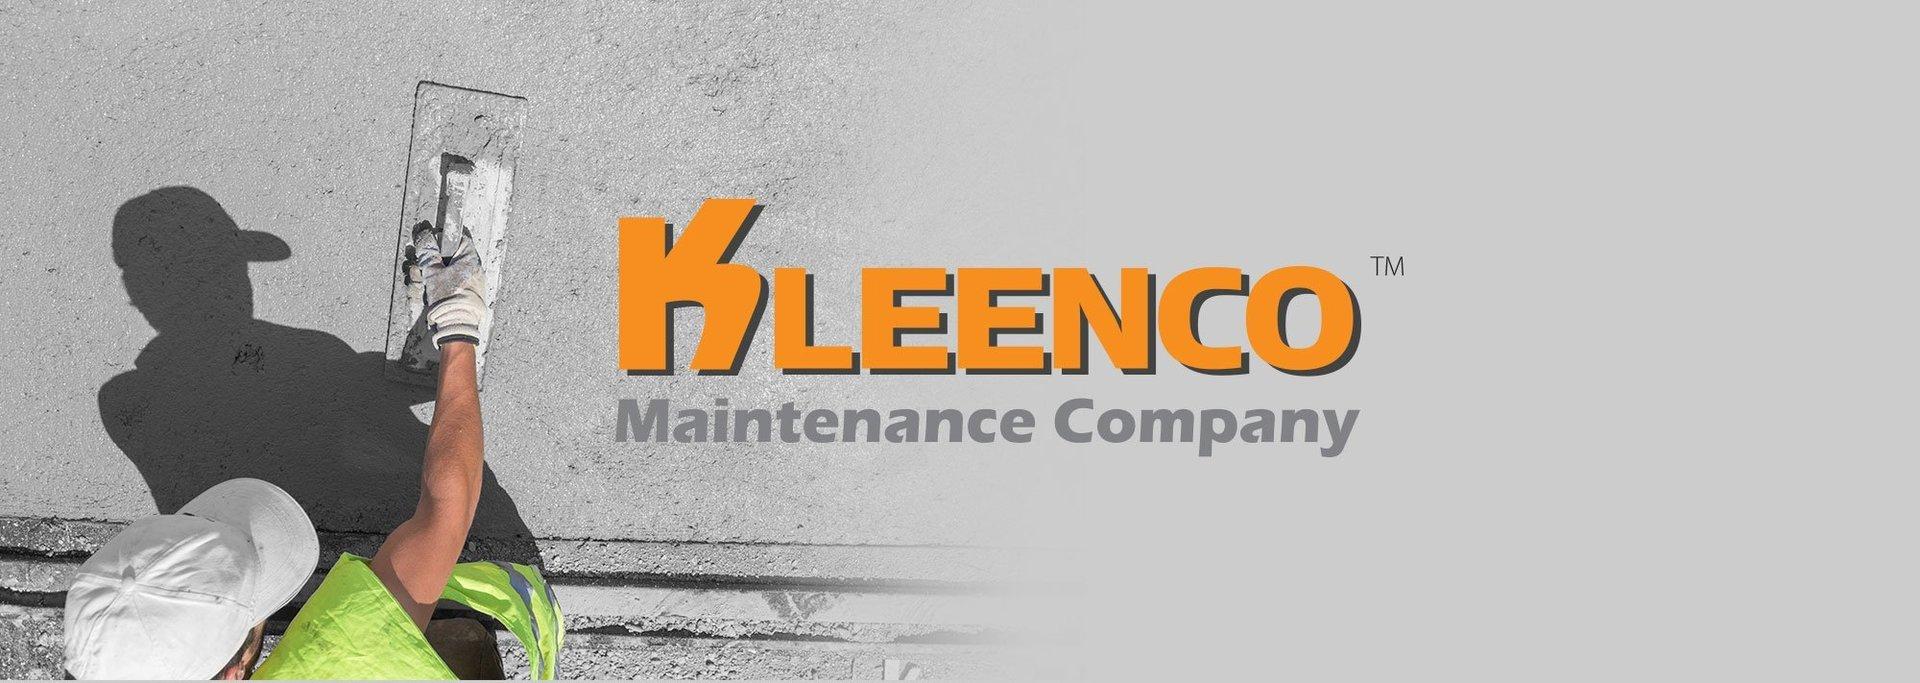 Kleenco Maintenance Company